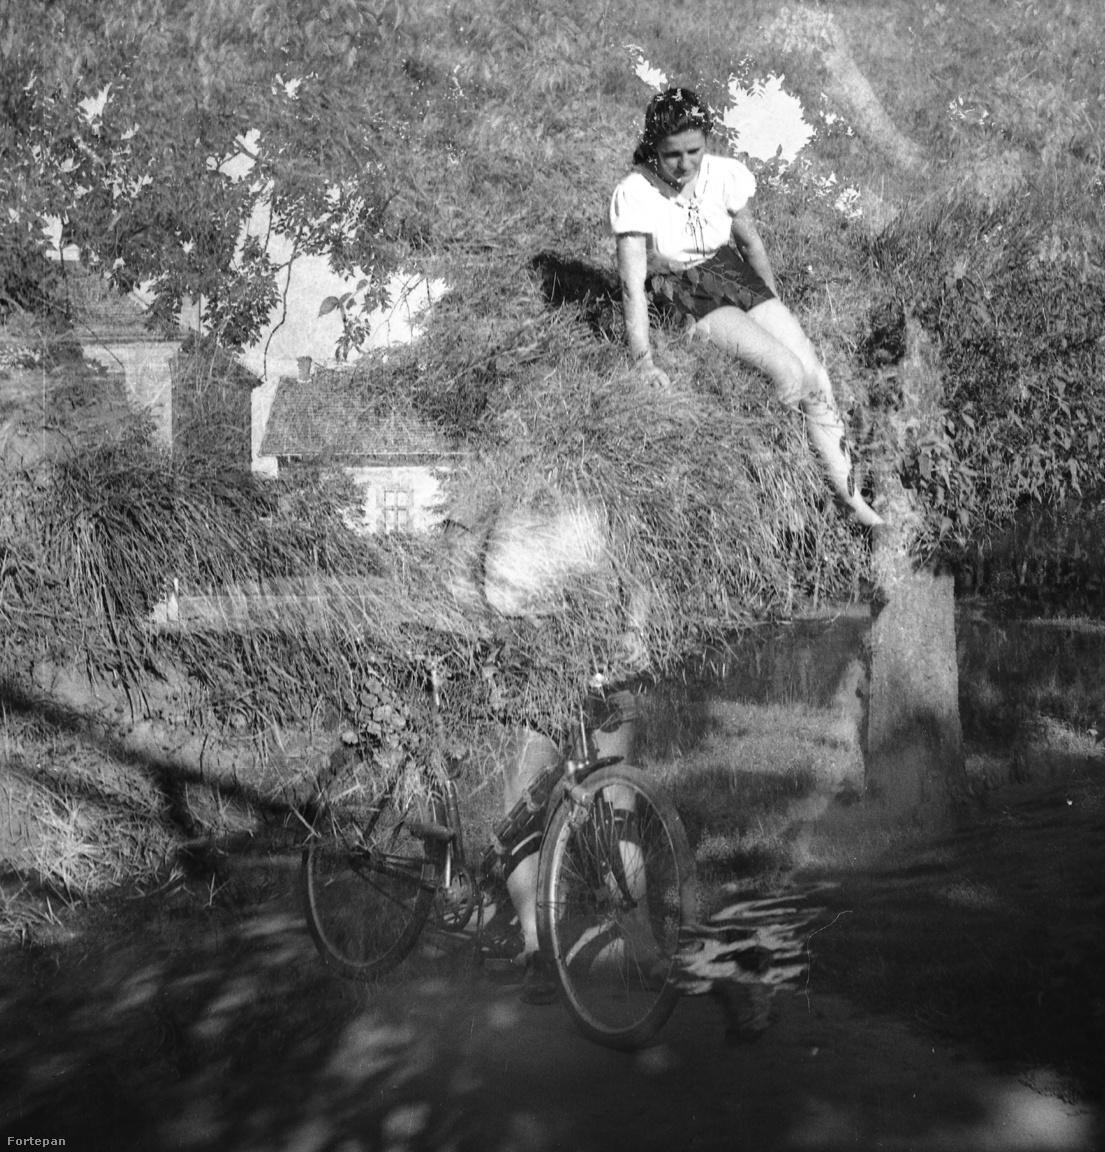 És ezt így hogy?! - villan be a kép láttán a Tornóczky-féle szállóige. Hogy kerül a rövidnadrágos nő a fára a bicikliről?! Milyen varázslat ez? A válasz a kettős expozíció, és hogy nem is biciklis. A legjobb pillanat a kép vizsgálata közben az, amikor egyszer csak felsejlik a biciklit fogó férfialak az X lábaival, sörhasával, utána pedig meglátjuk, hogy a nő nem is szénarakáson ül, hanem egy vízparton, a vízben visszatükröződik az alakja. A talány megoldódott, az egyik képen a fa előtt a biciklis férfi áll, mögötte egy épülettel, a nő pedig nem fán, hanem egy vízparti hangulatképen szerepelt eredetileg.